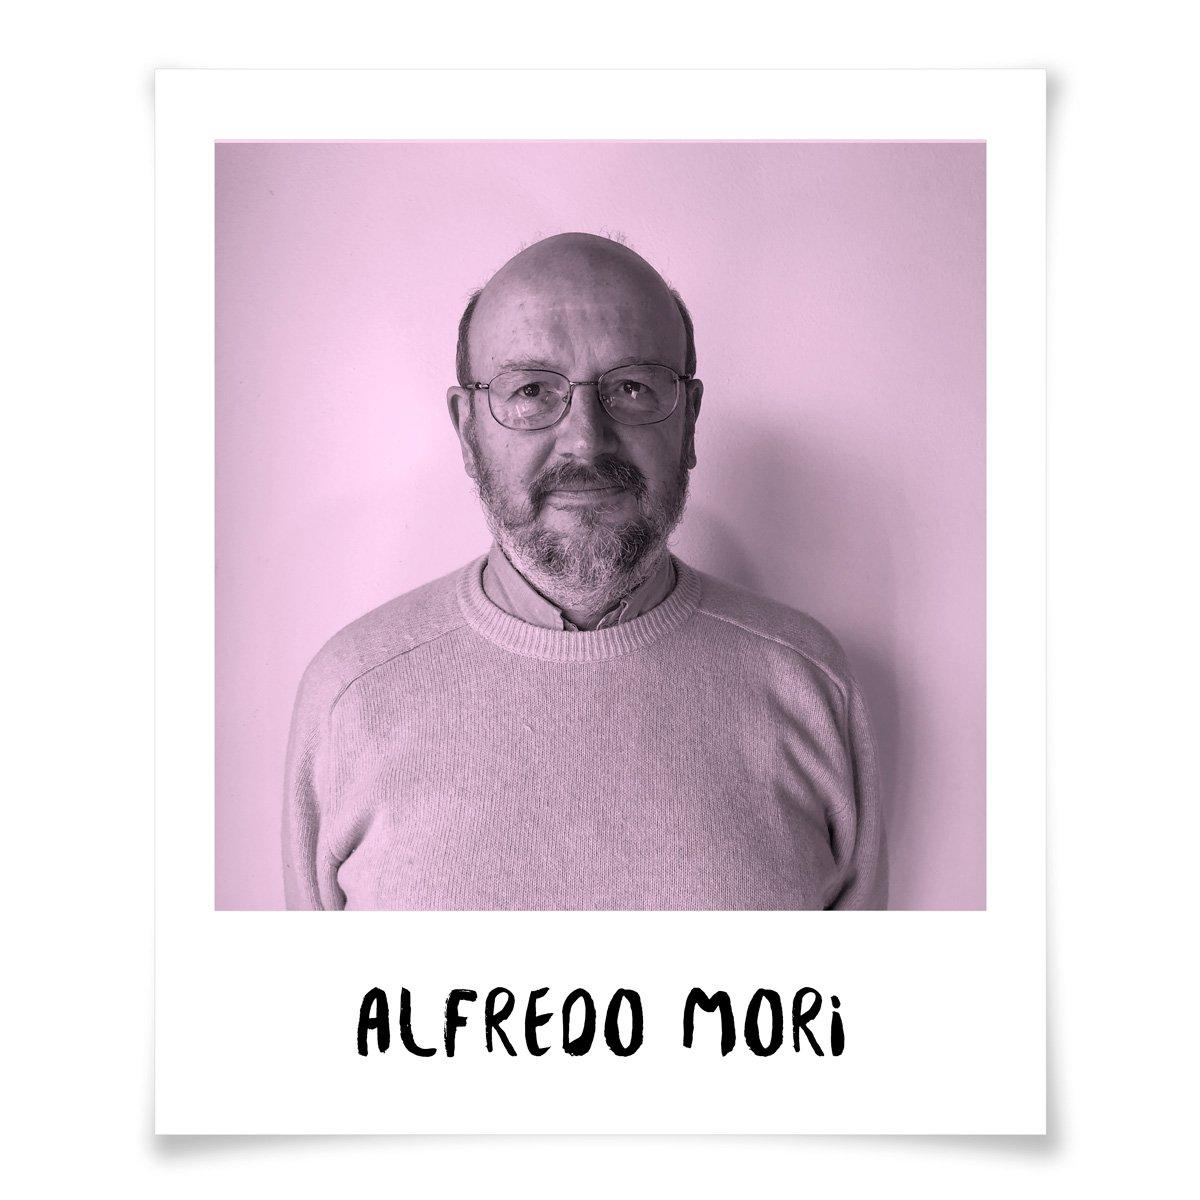 Alfredo_Mori